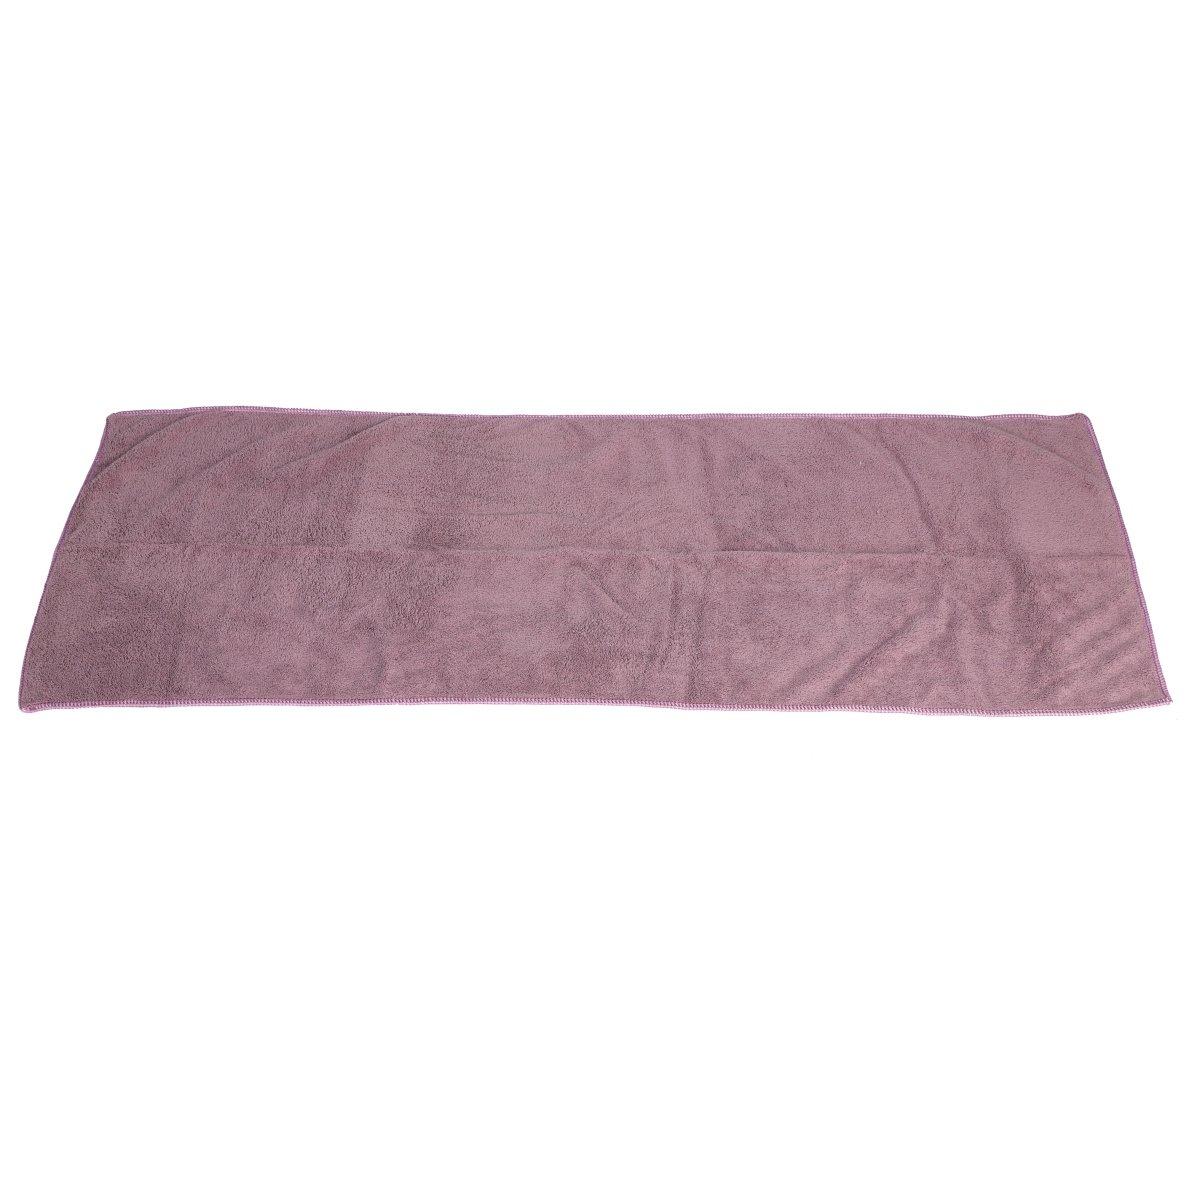 LONTG Toalla de baño (terciopelo de coral - Juego de 1 toalla 34 * 85 cm y 1 toallas de baño y playa 75 * 150 cm dulce confortable piscina gimnasio, gris, ...